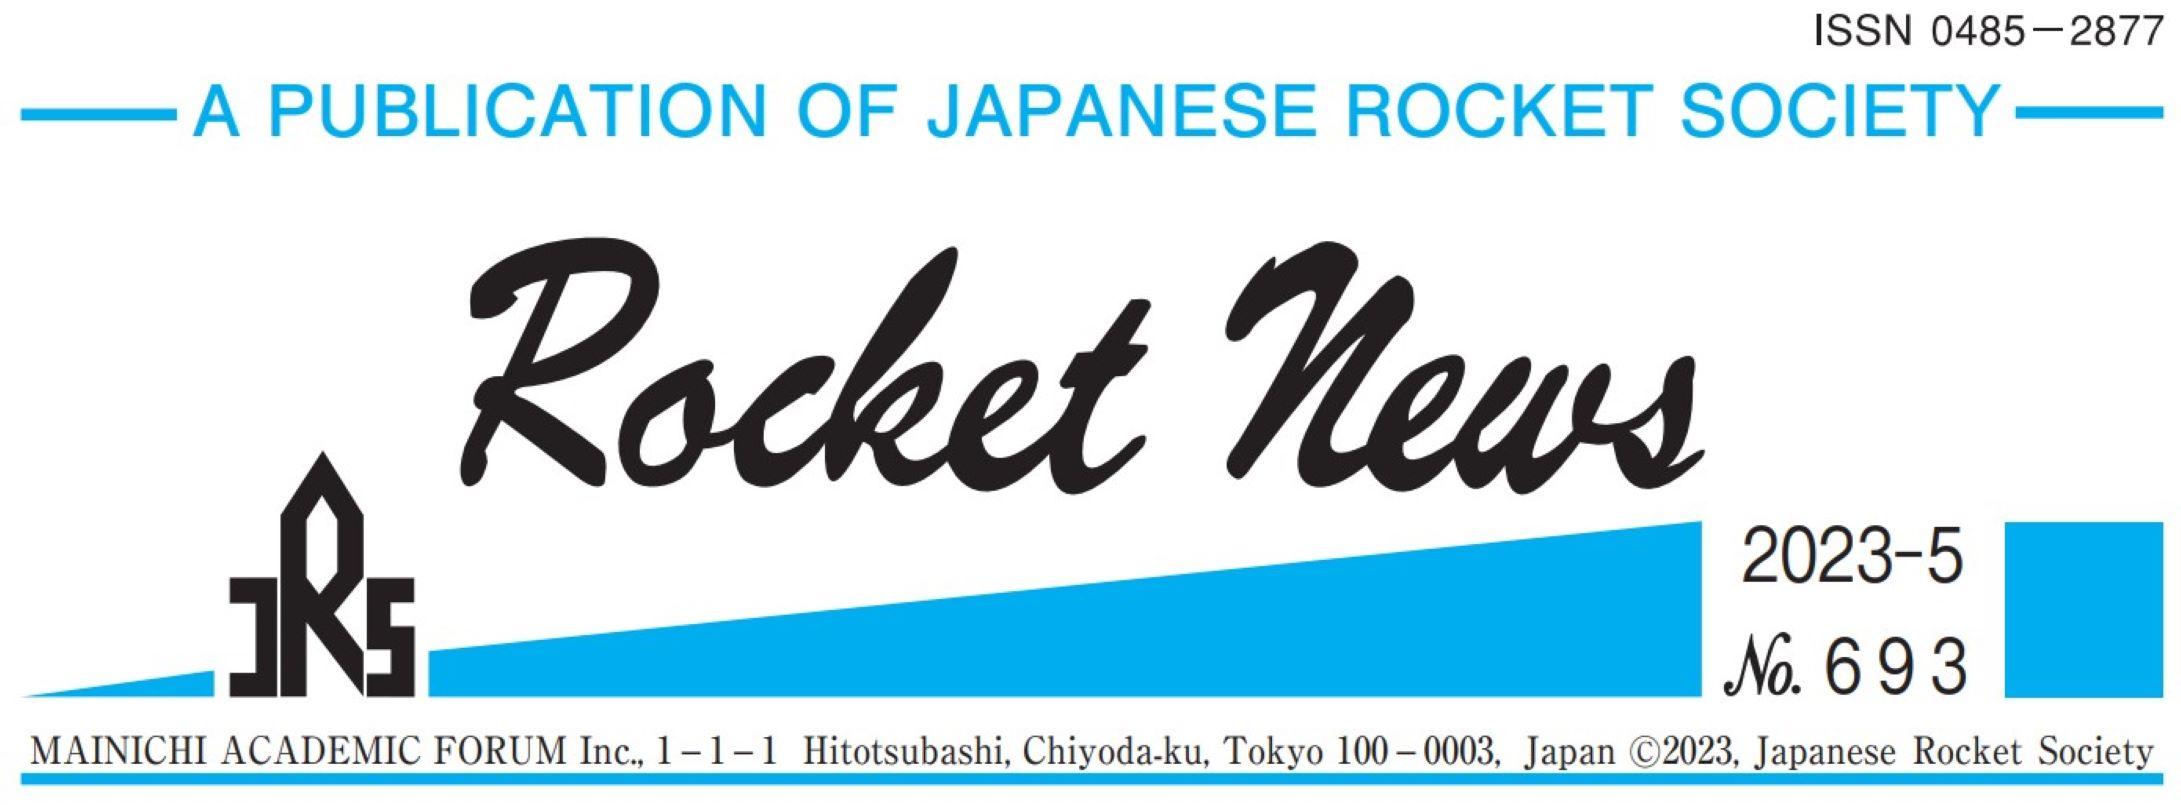 日本ロケット協会